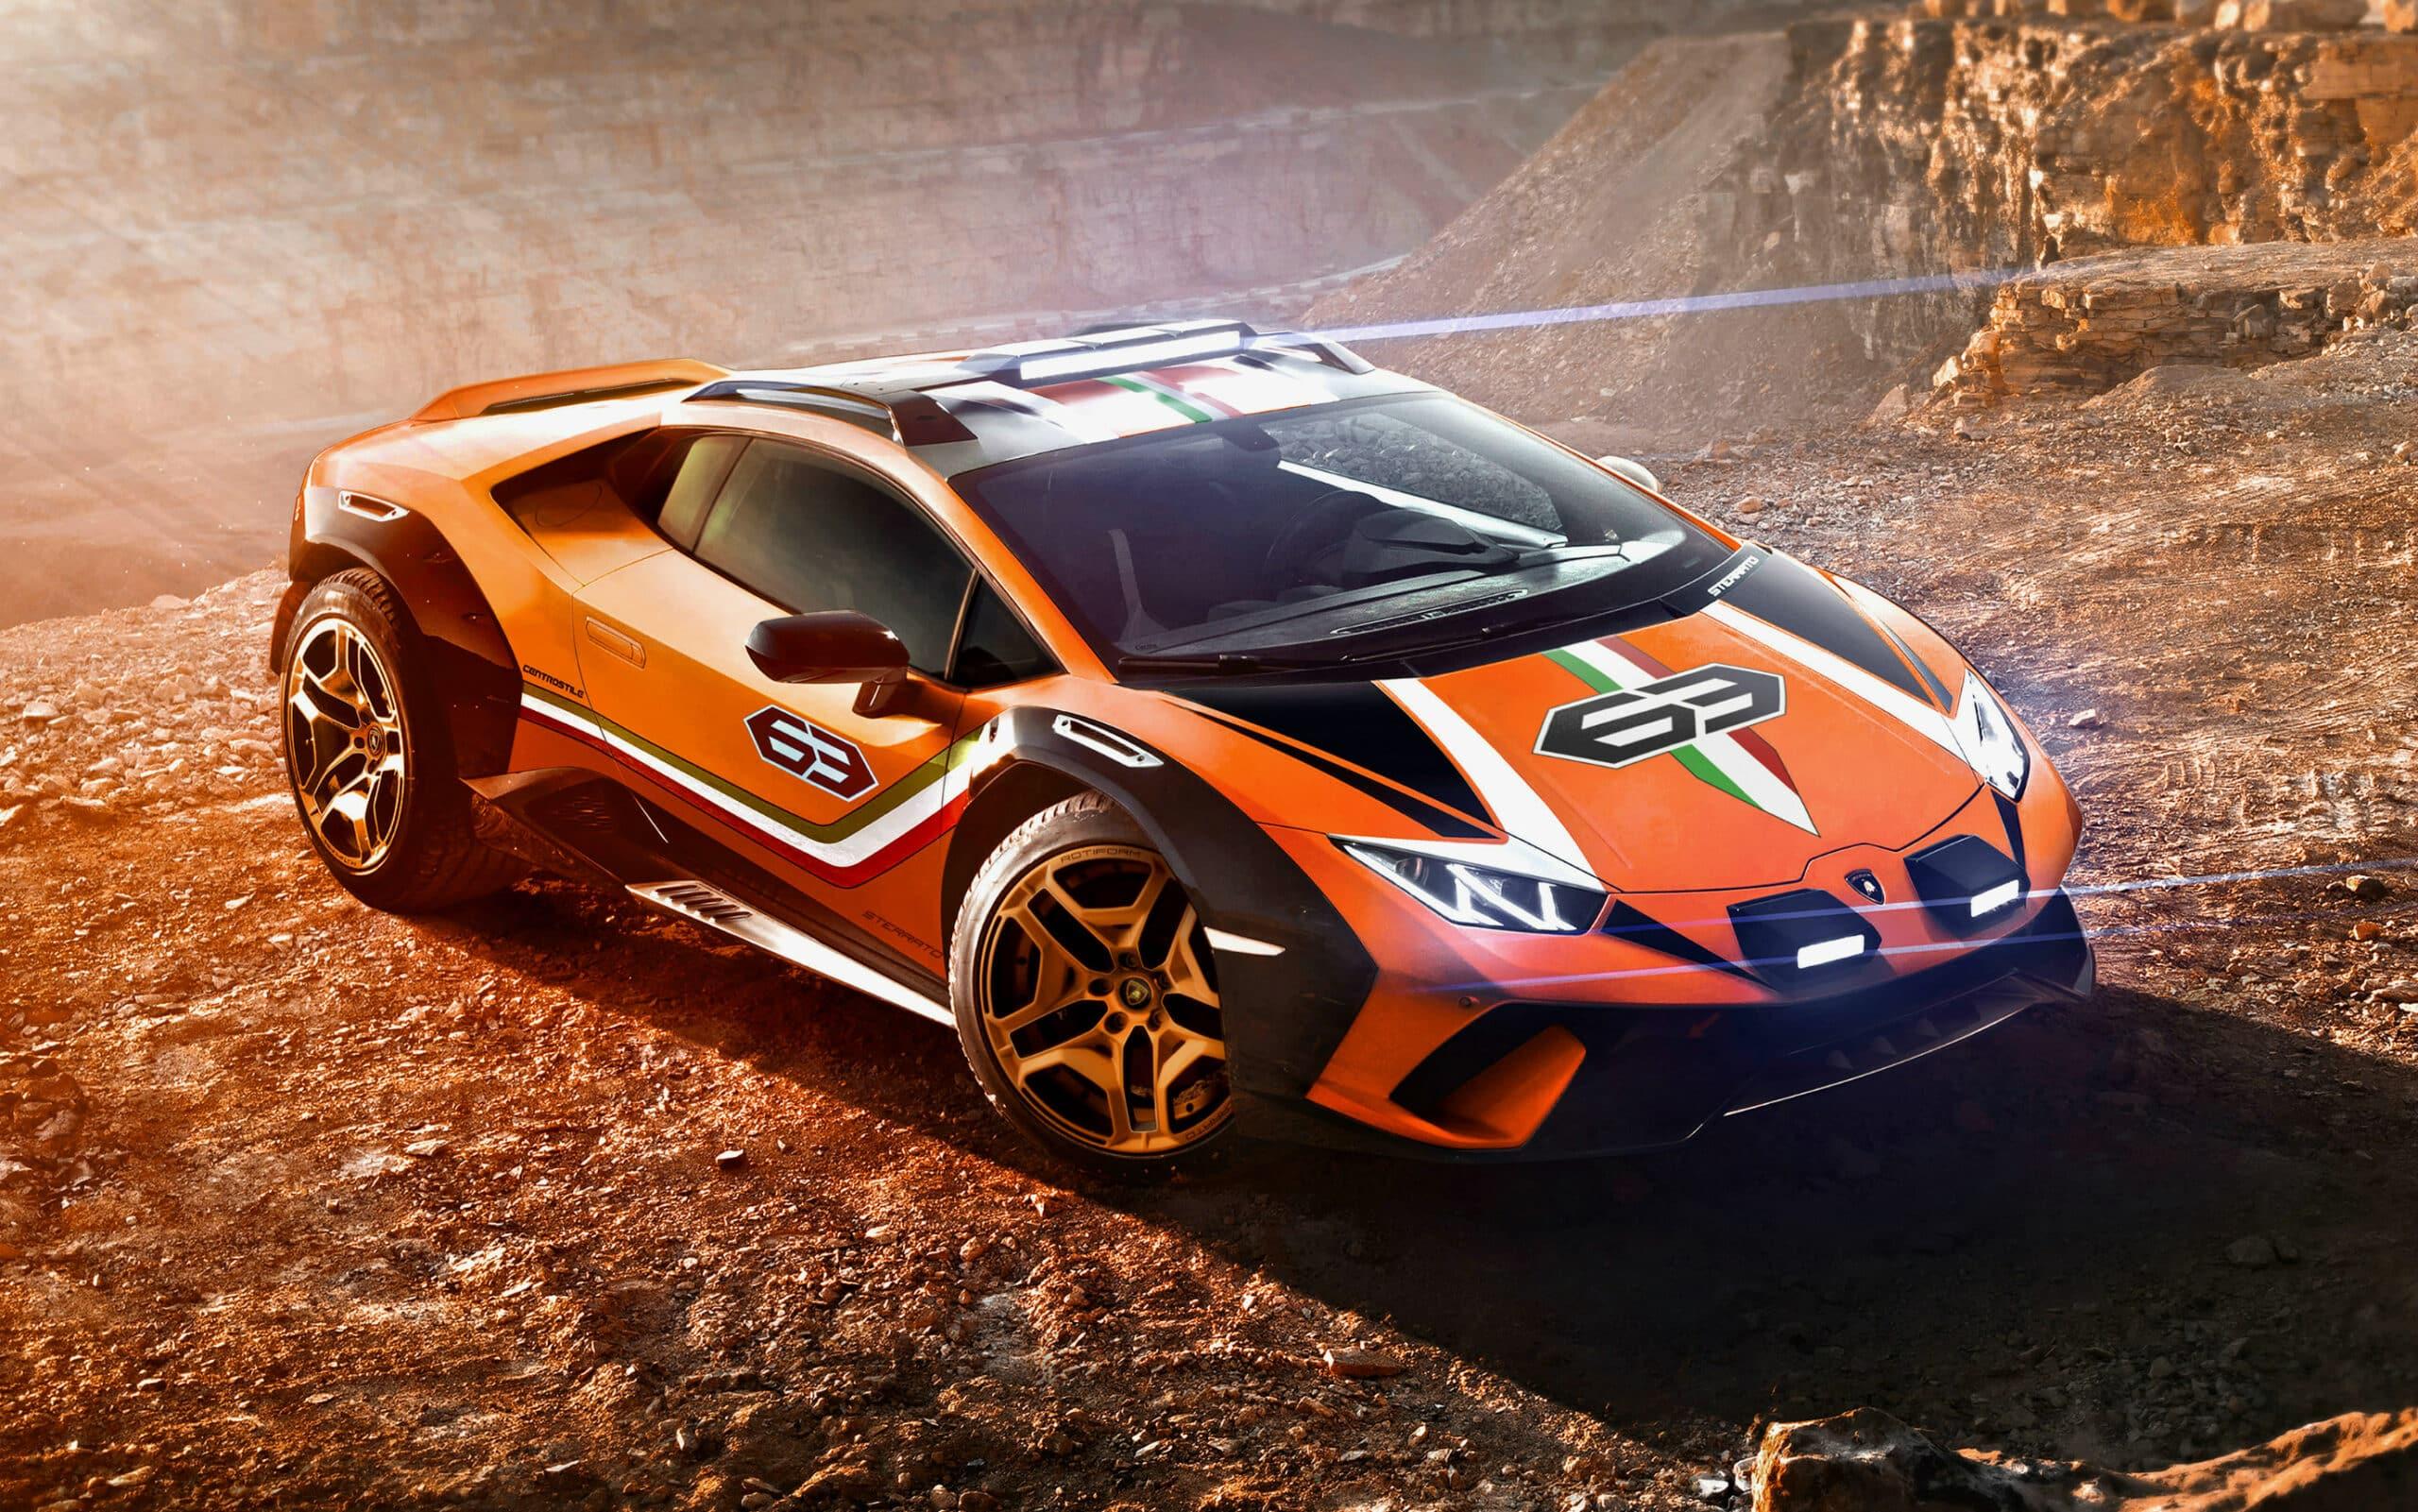 Lamborghini Huracán Sterrato 4x4 Concept